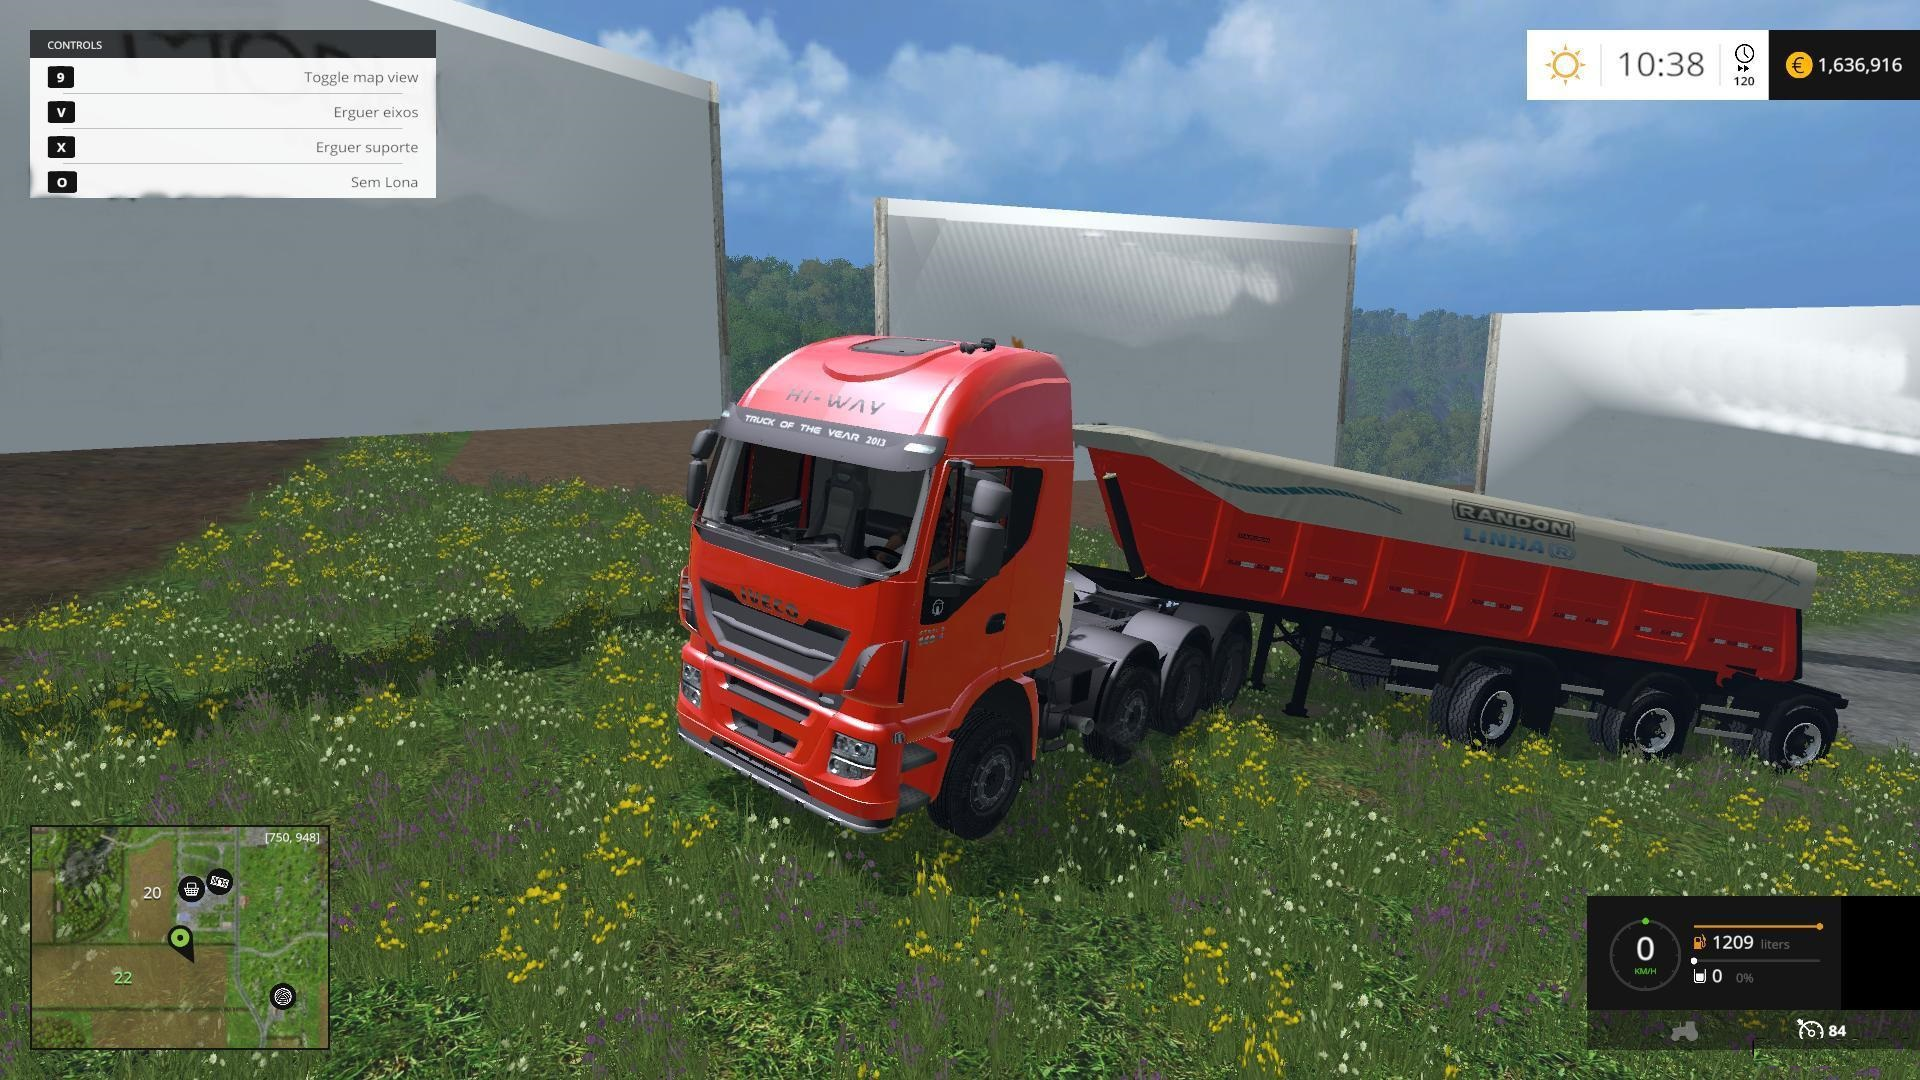 1424170565 iveco stralis 560 8x4 trailer v1 1 IVECO STRALIS 560 8X4 + TRAILER V1